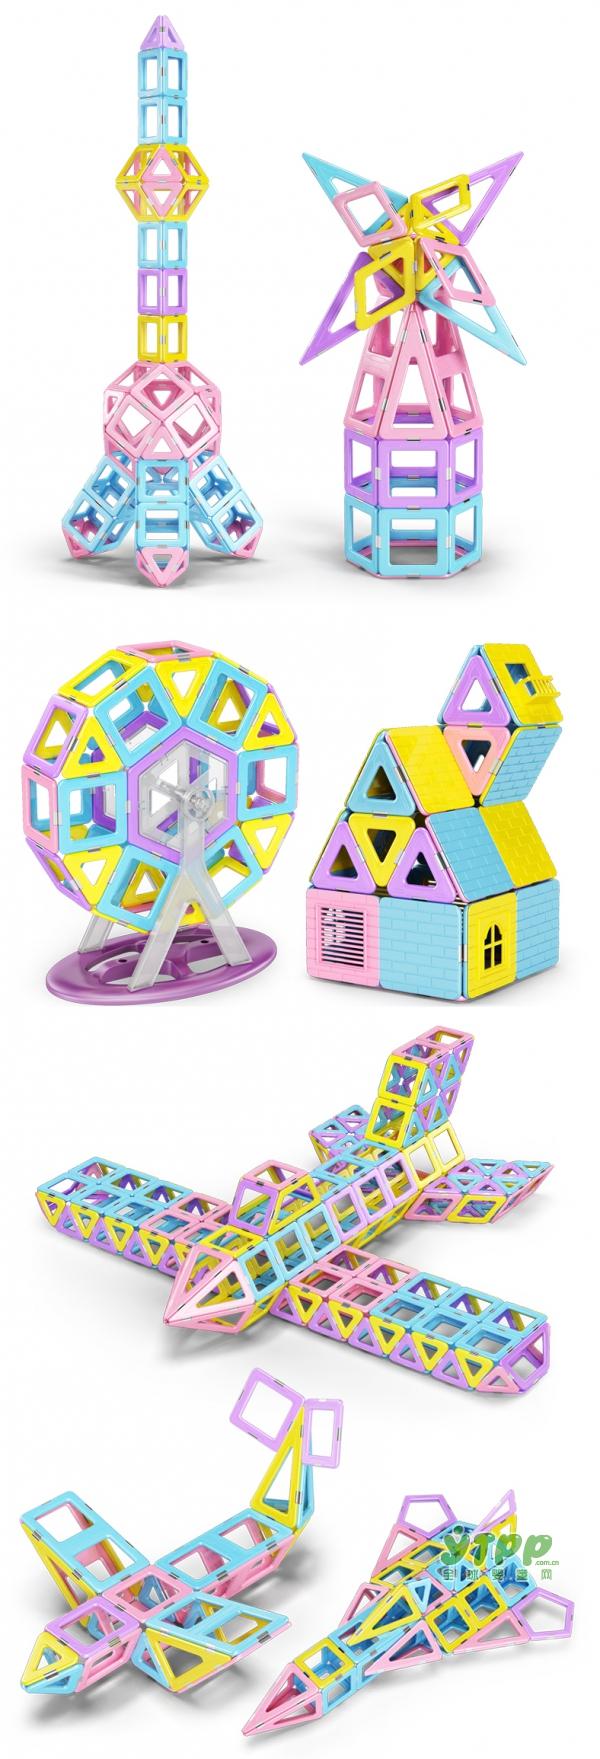 贵派仕二代磁力片积木   七十二变城堡 孩子的王国梦